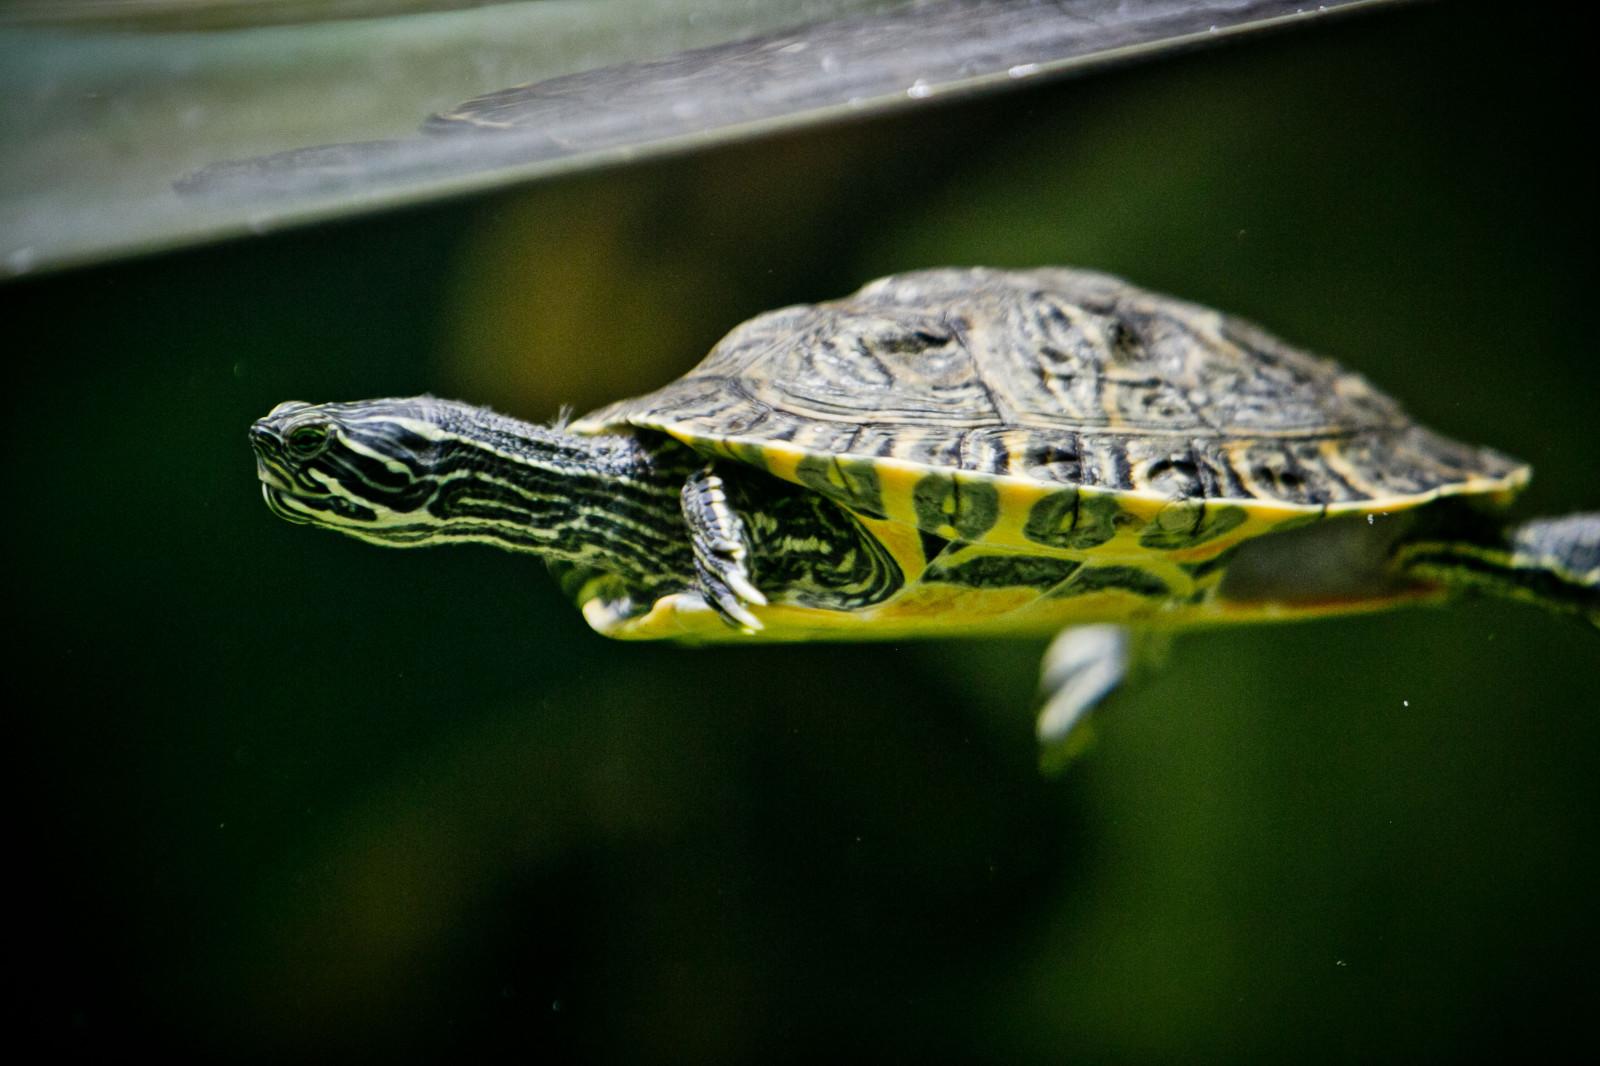 Die Gelbwangenschmuckschildkröte kann bis zu 85 Jahre alt werden